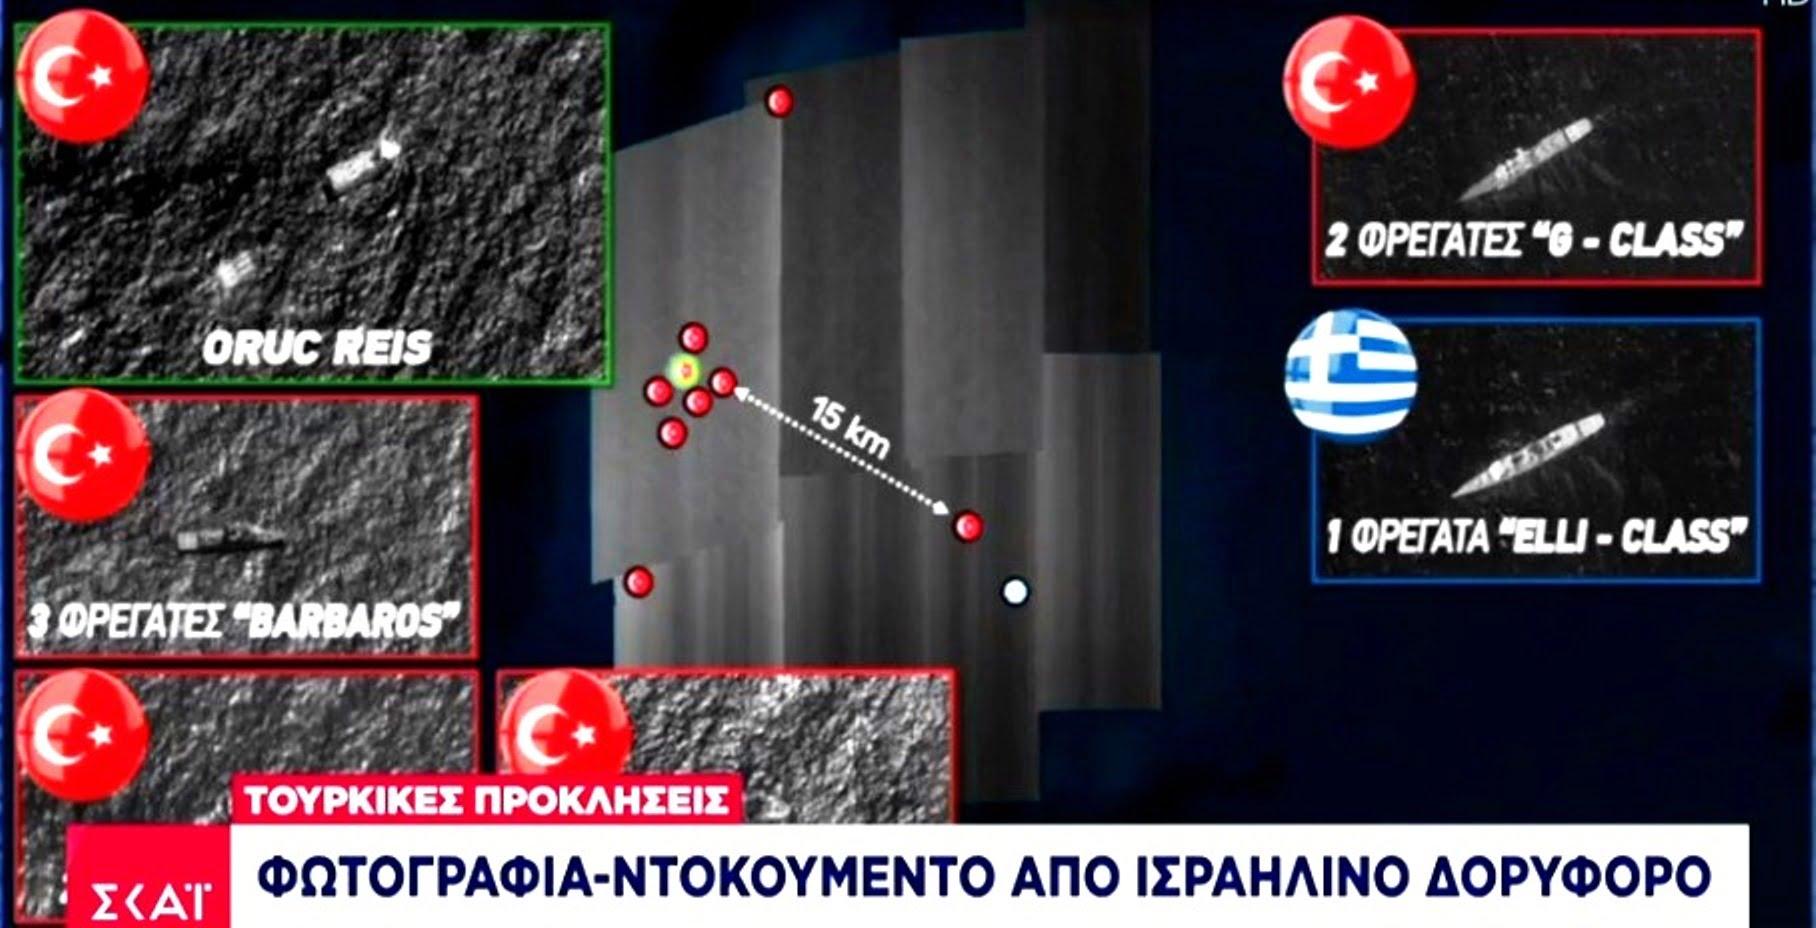 Μετά το «Όρουτς Ρέις» θα σταλεί γεωτρύπανο: Η τουρκική μόλα μπορεί, τελικά, να χαλάσει